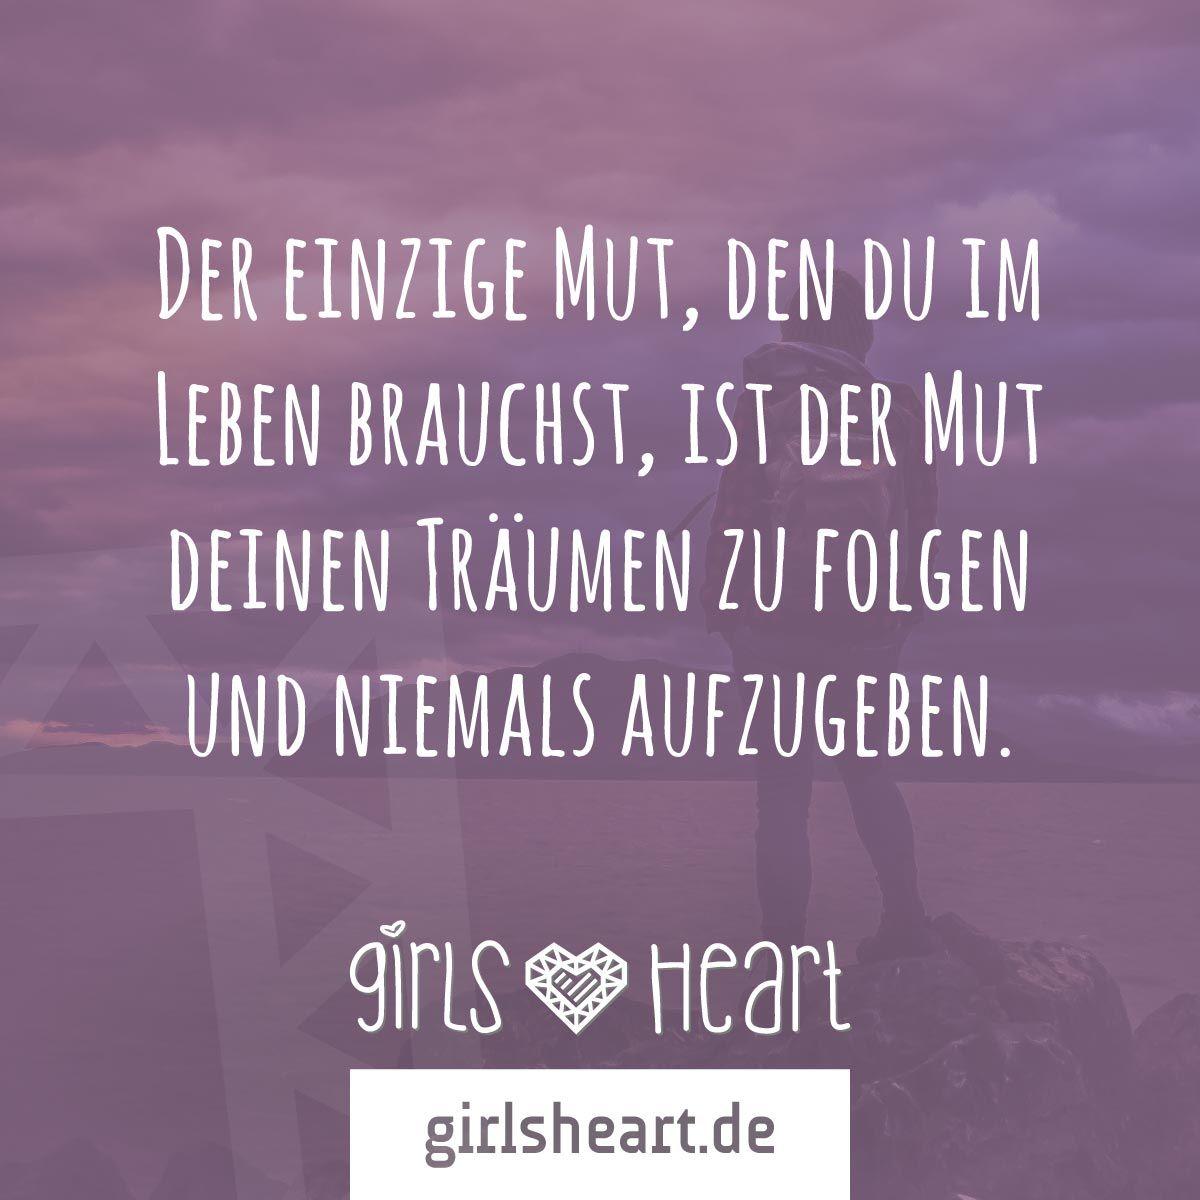 Folge Immer Deinen Träumen! Mehr Sprüche Auf: Www.girlsheart.de #traum